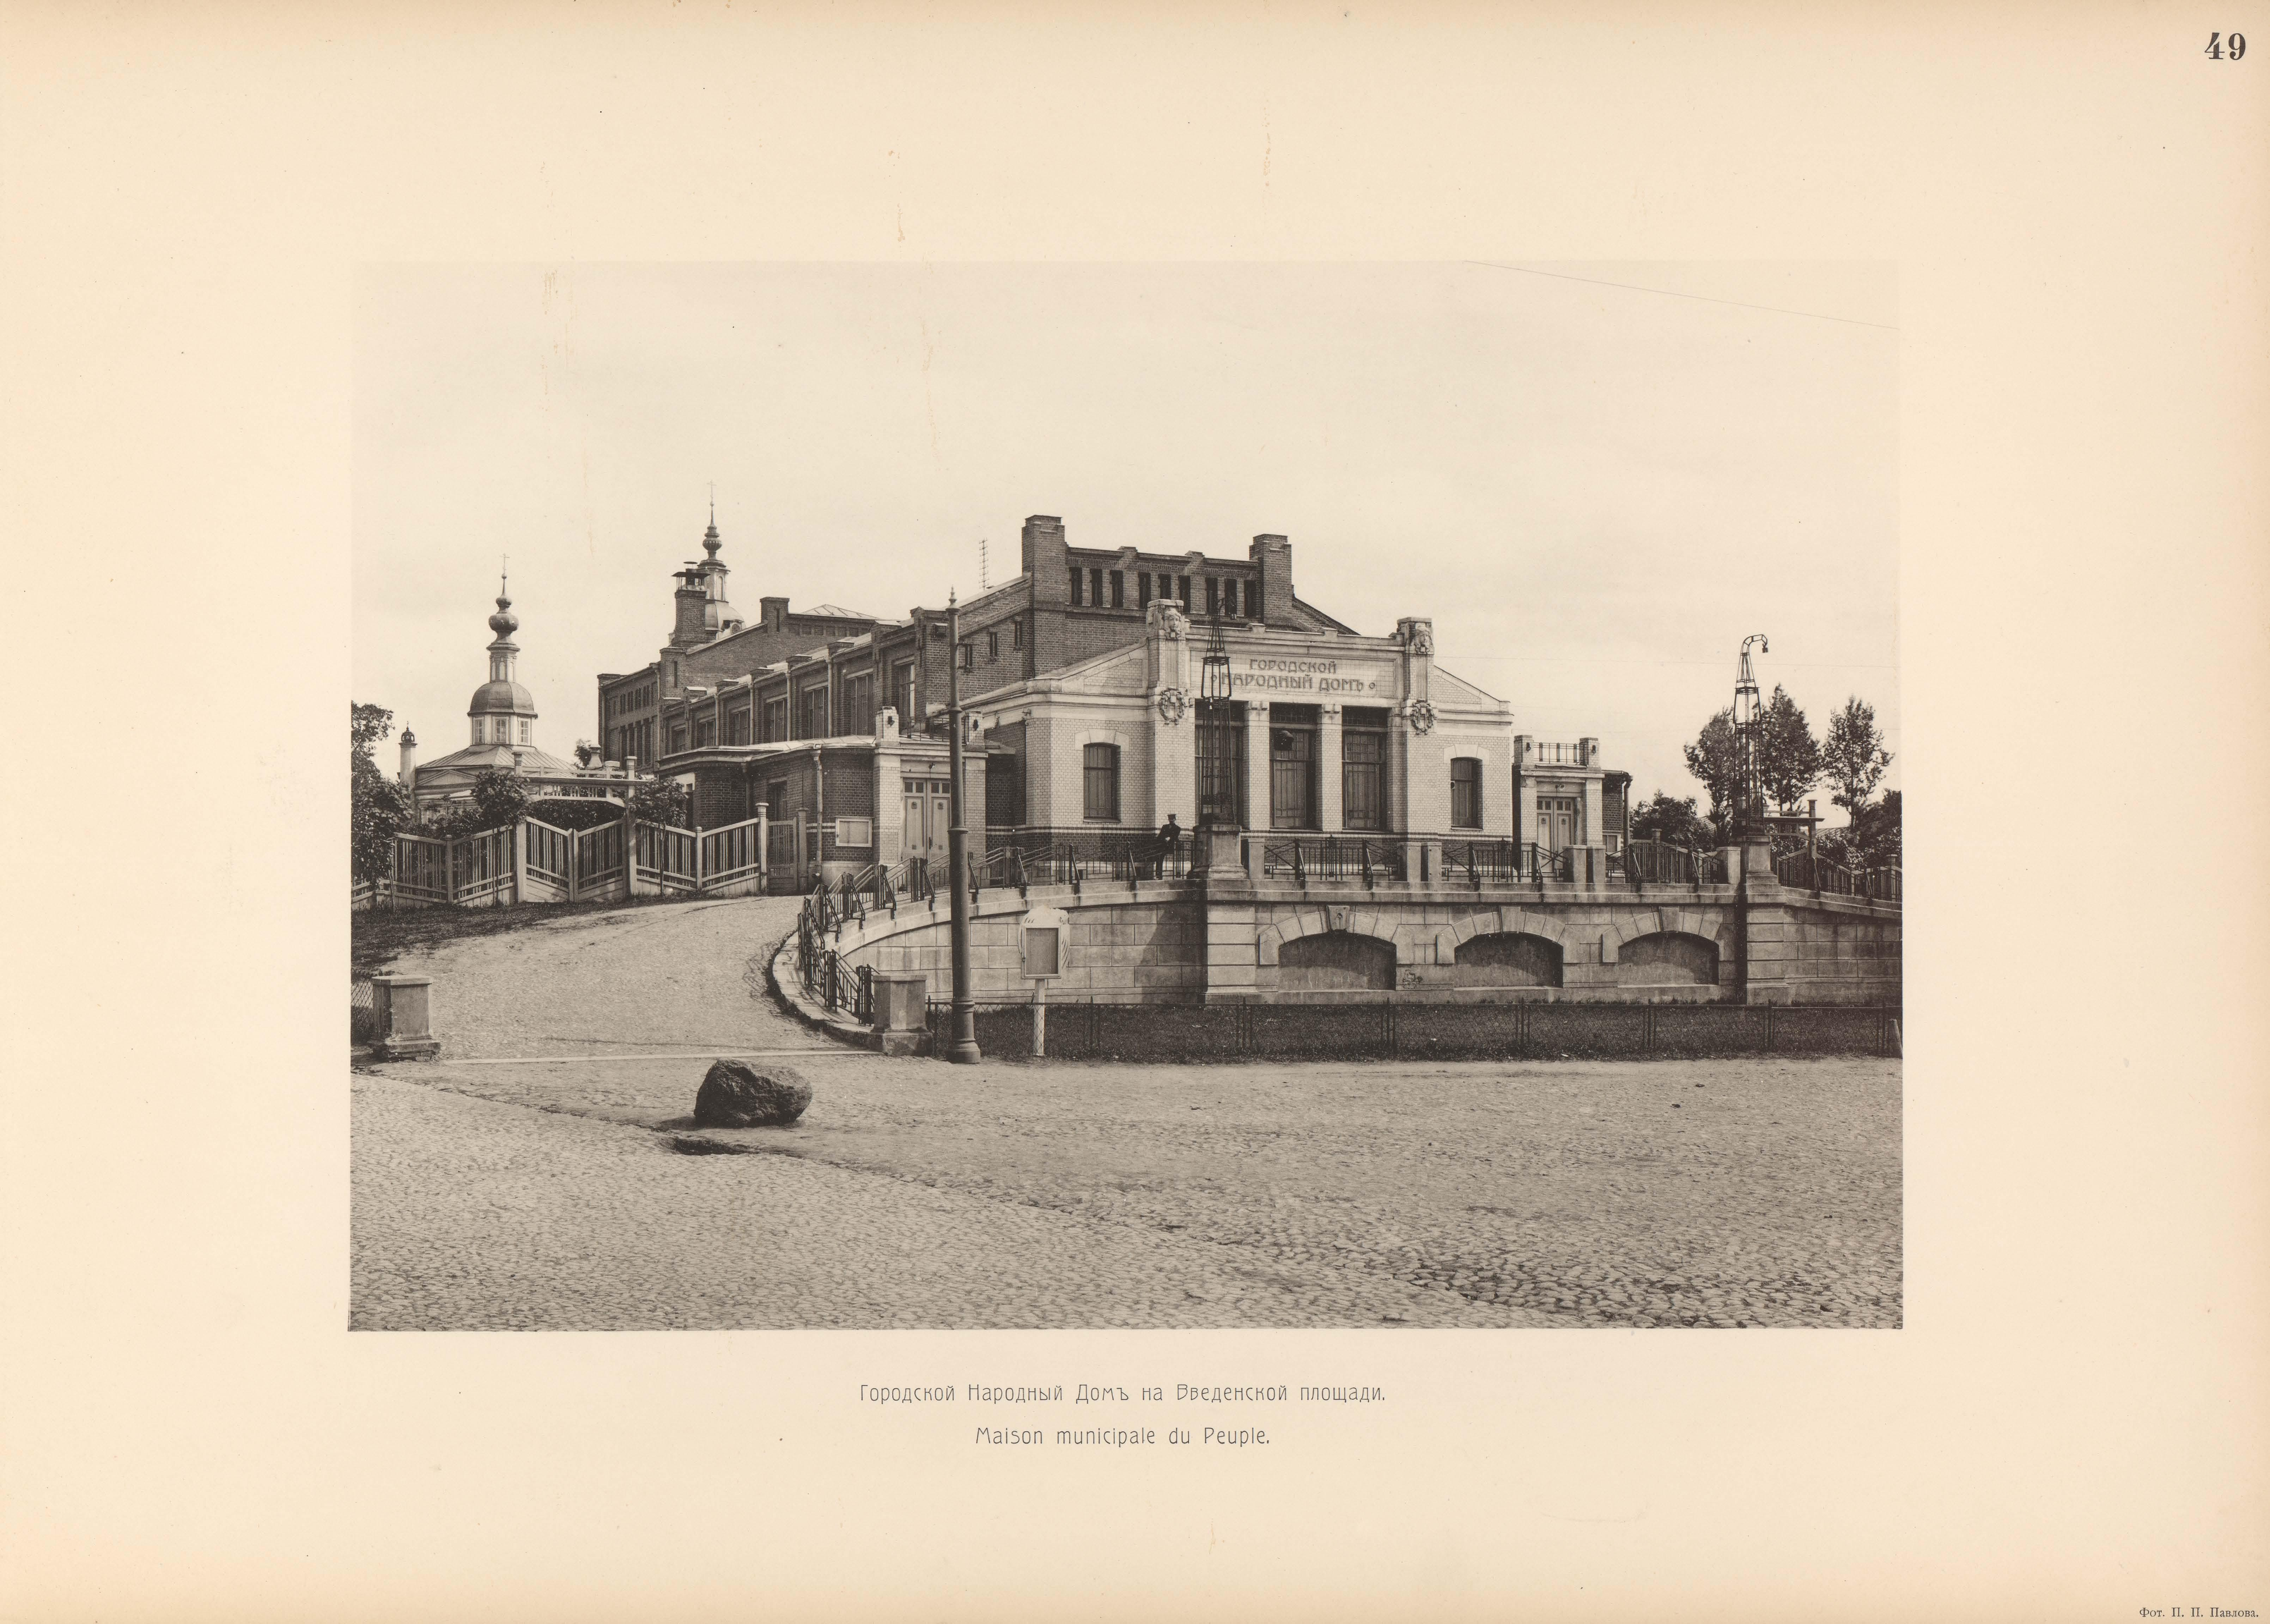 Городской Народный Домъ